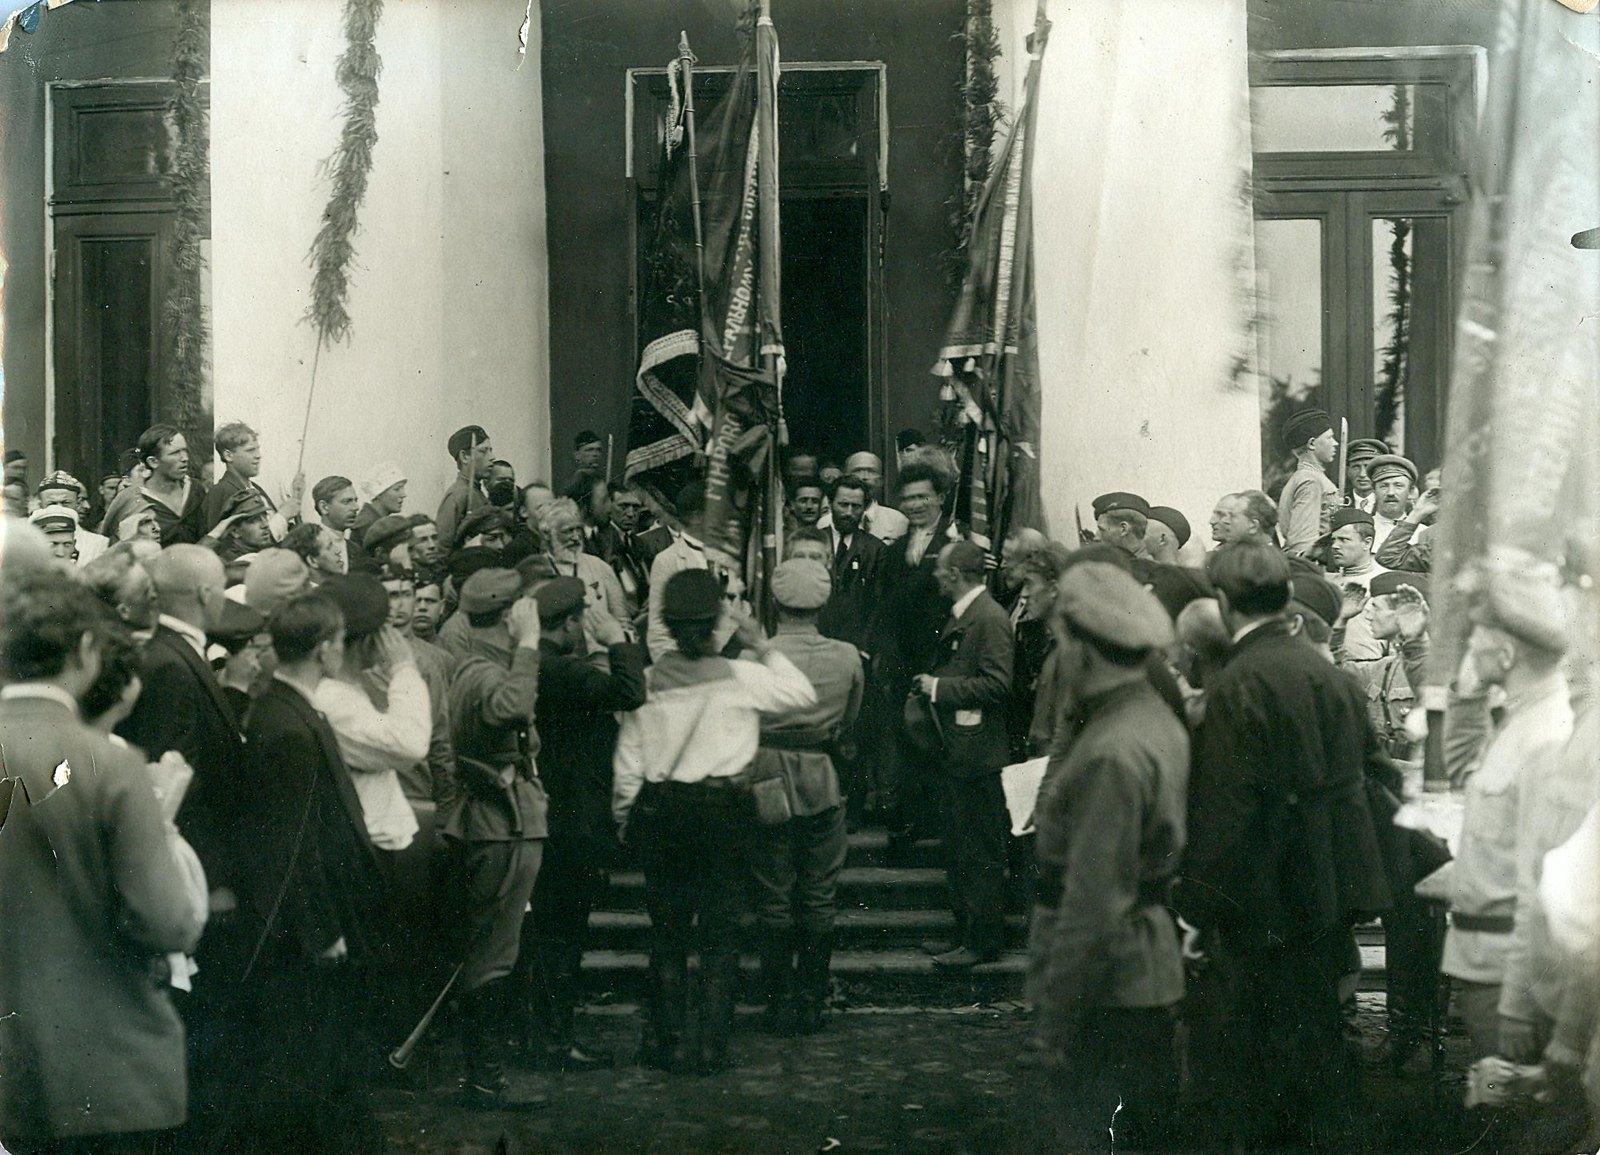 14. 1920. 19 июля. Вручение почетных знамен делегатам II конгресса Коминтерна у входа во дворец Урицкого